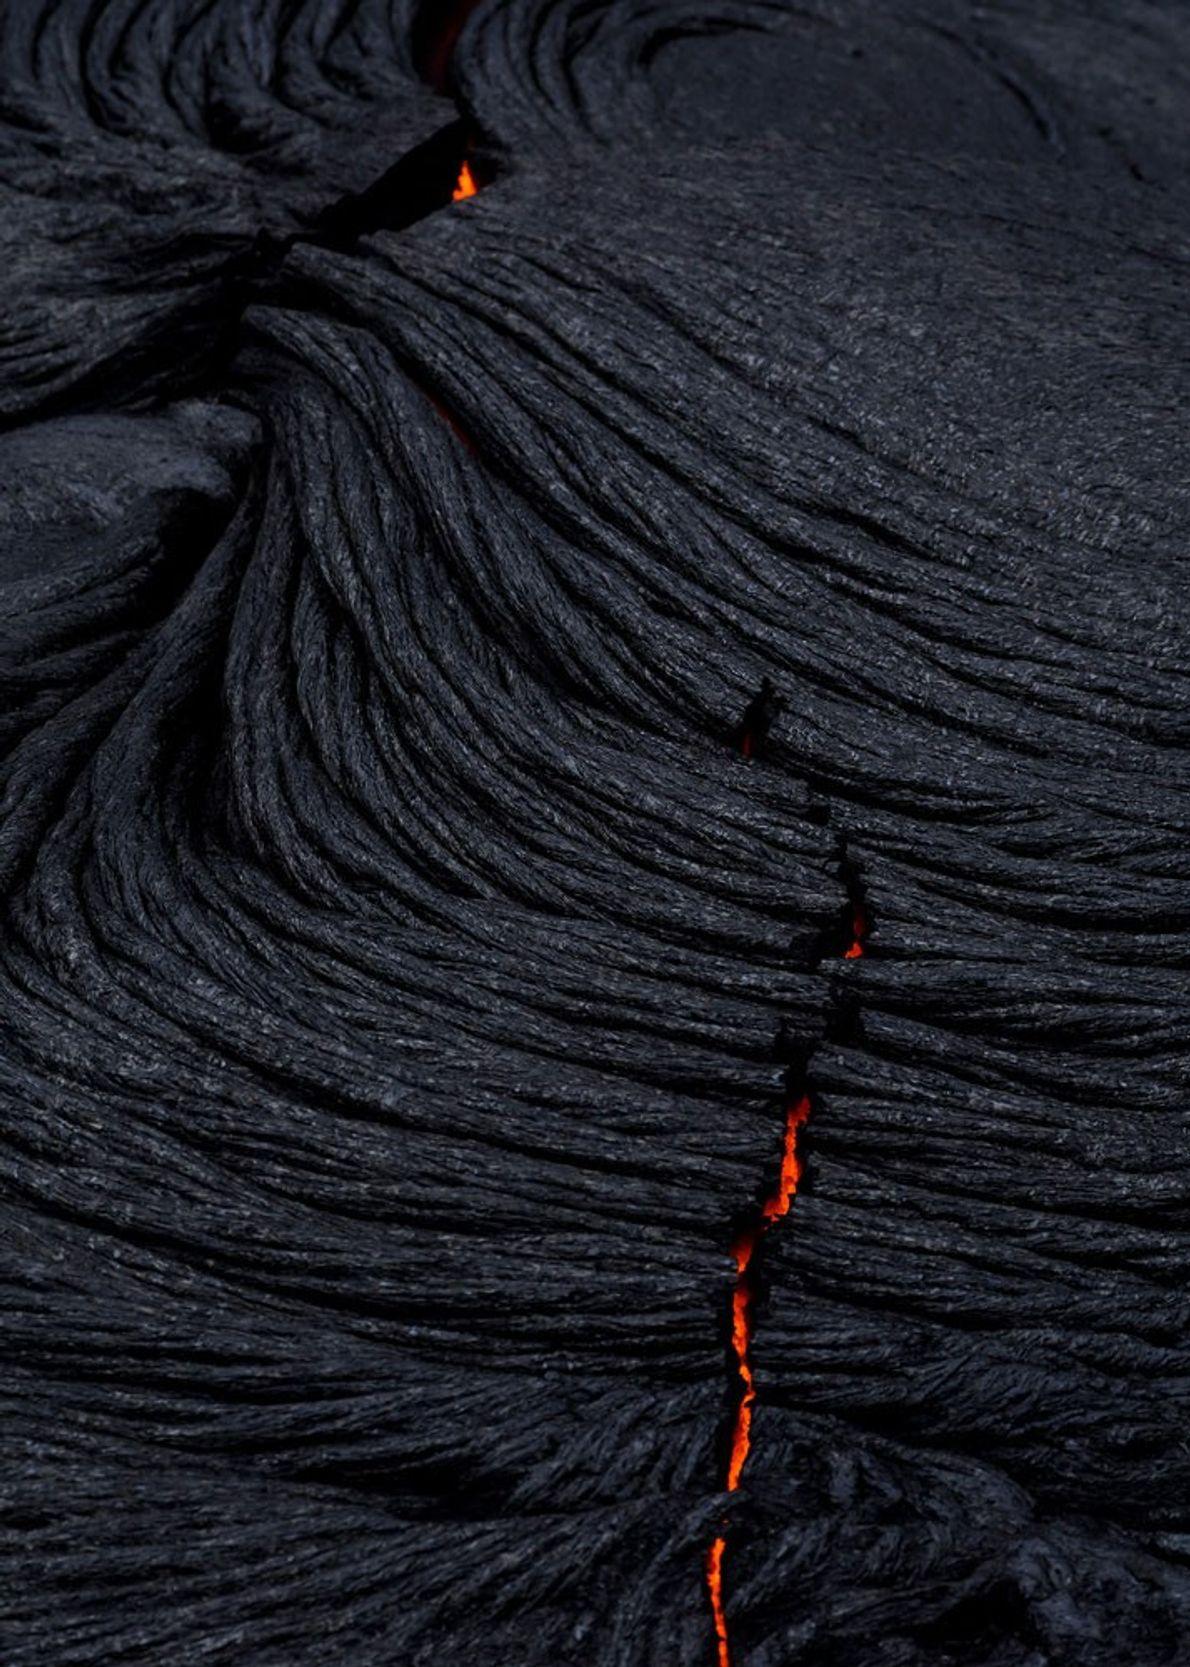 Aus den schmalen Rissen erkaltender Lavaströme leuchtet noch flüssige Lava hervor.